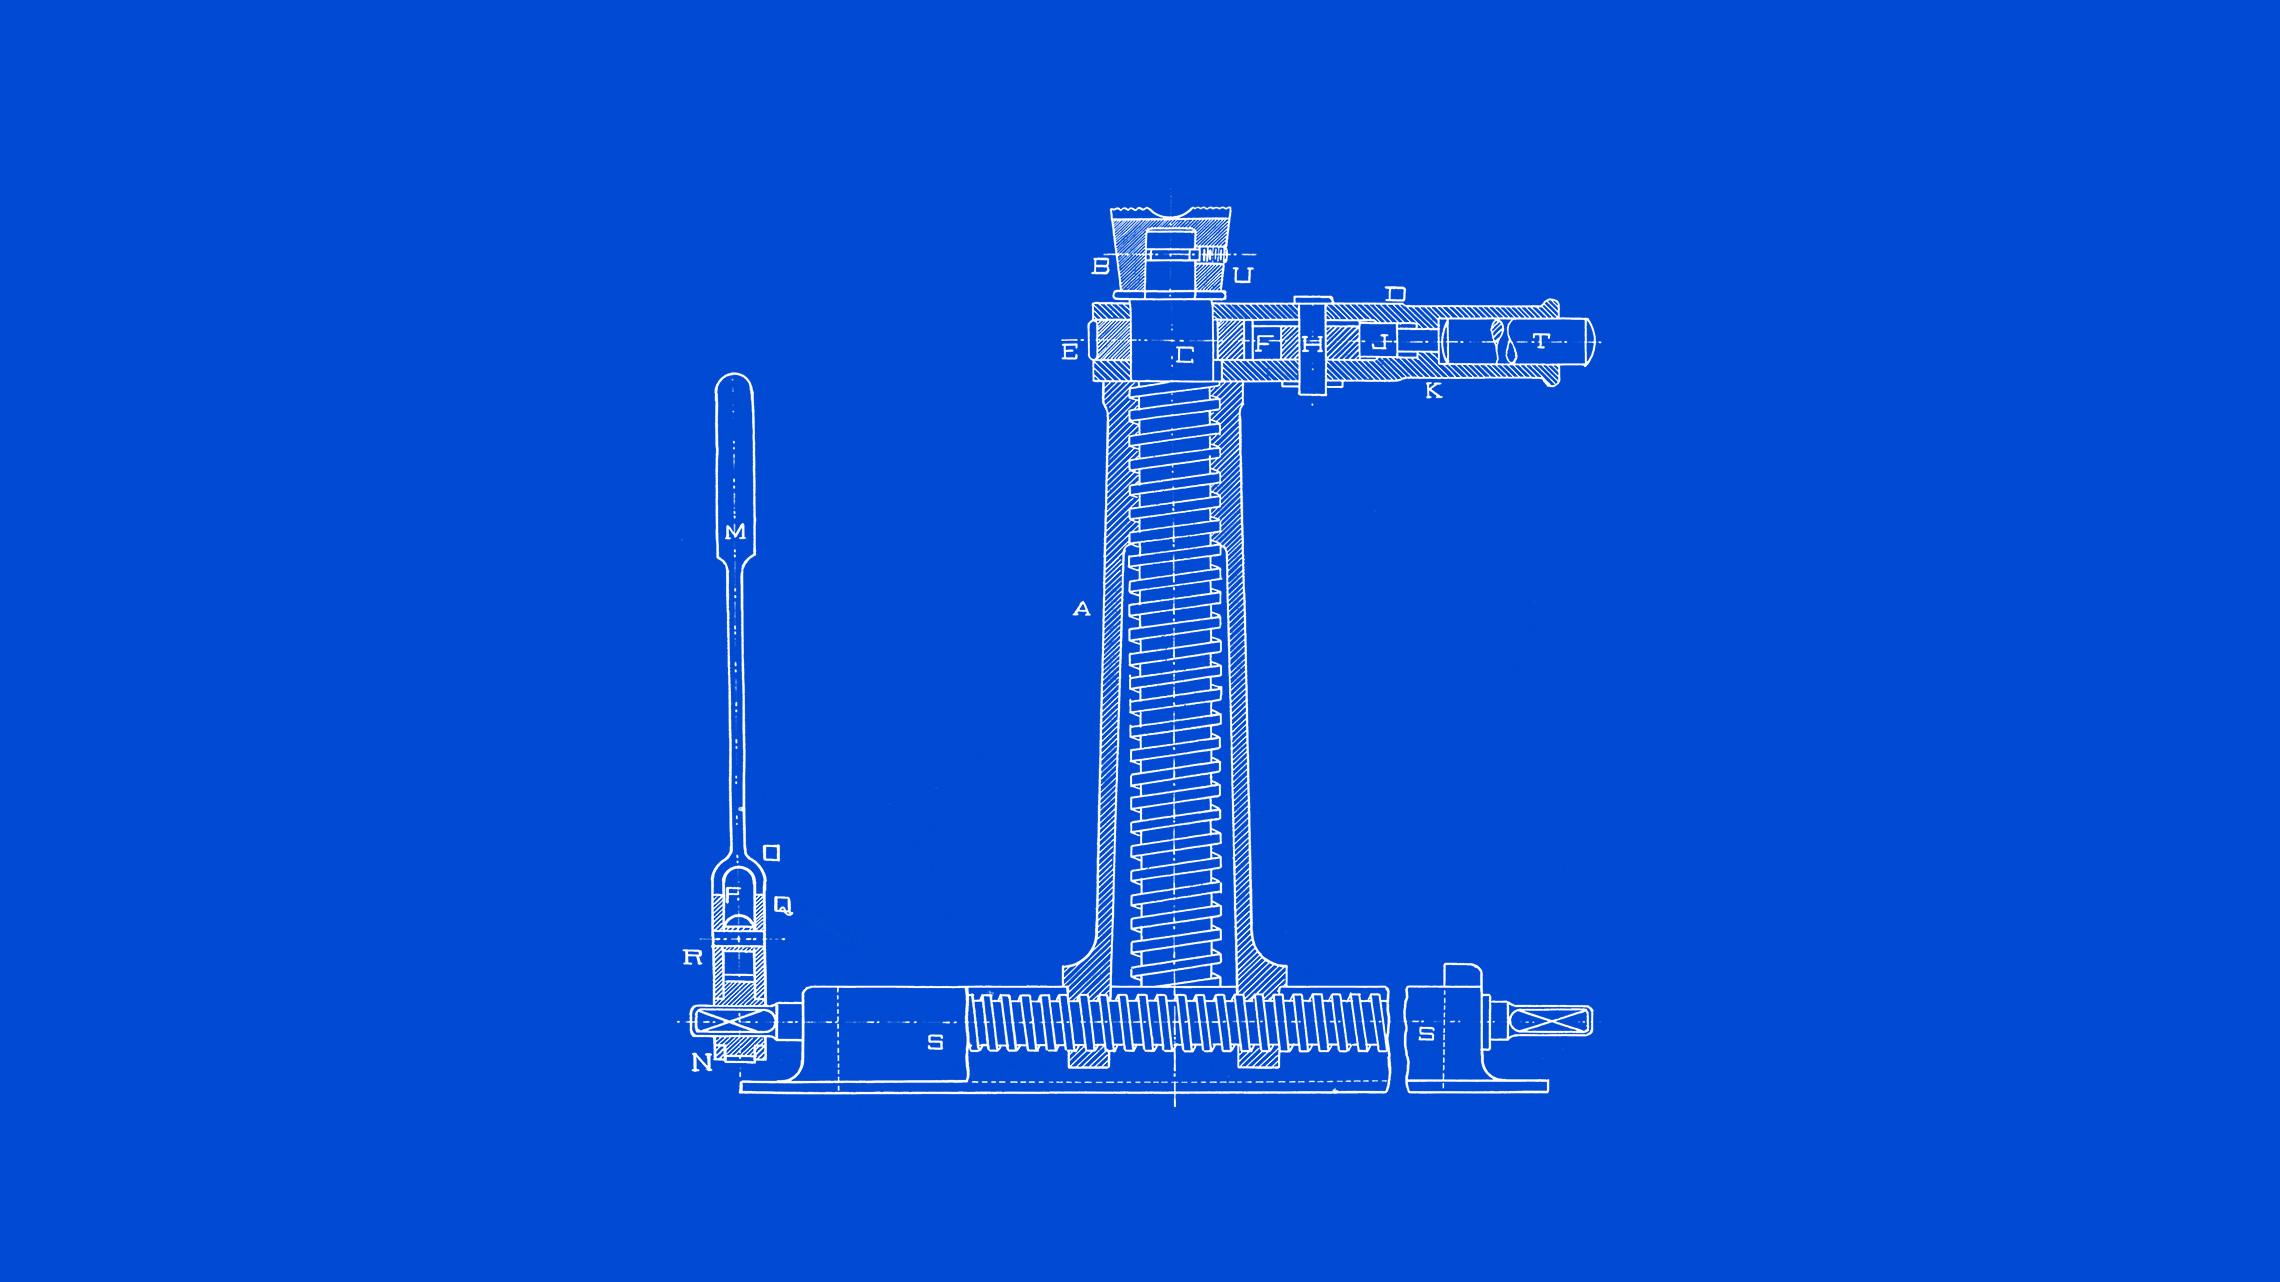 Vista frontal de desenho técnico de um macaco com movimento transversal em fundo azul